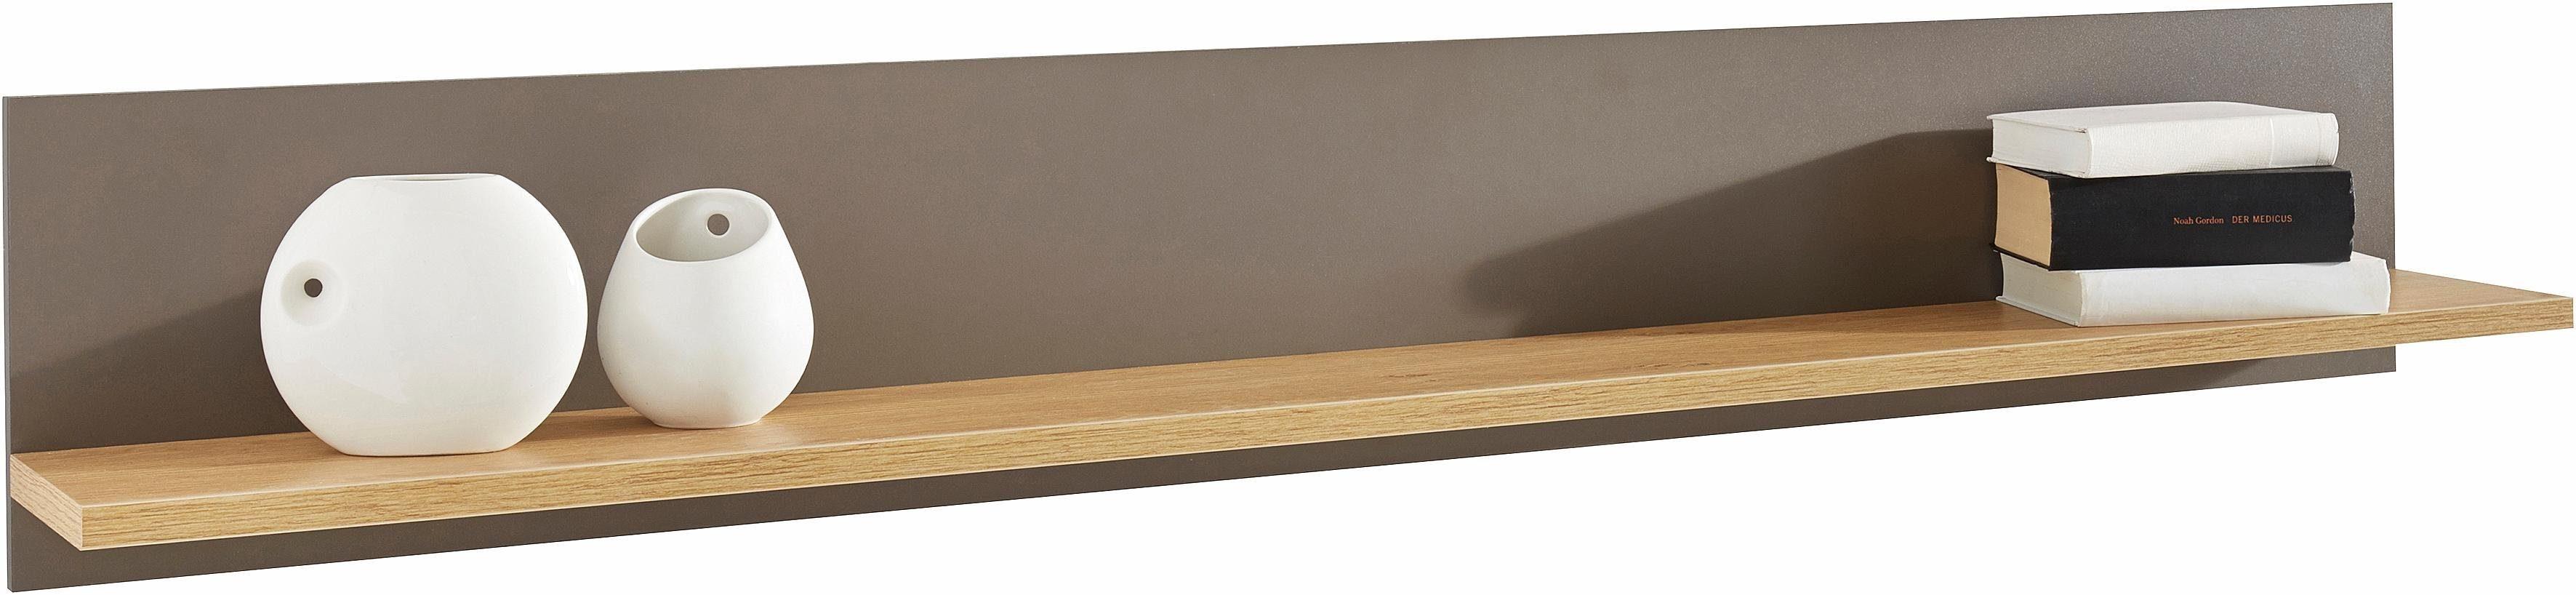 Wandboard, Breite 160 cm